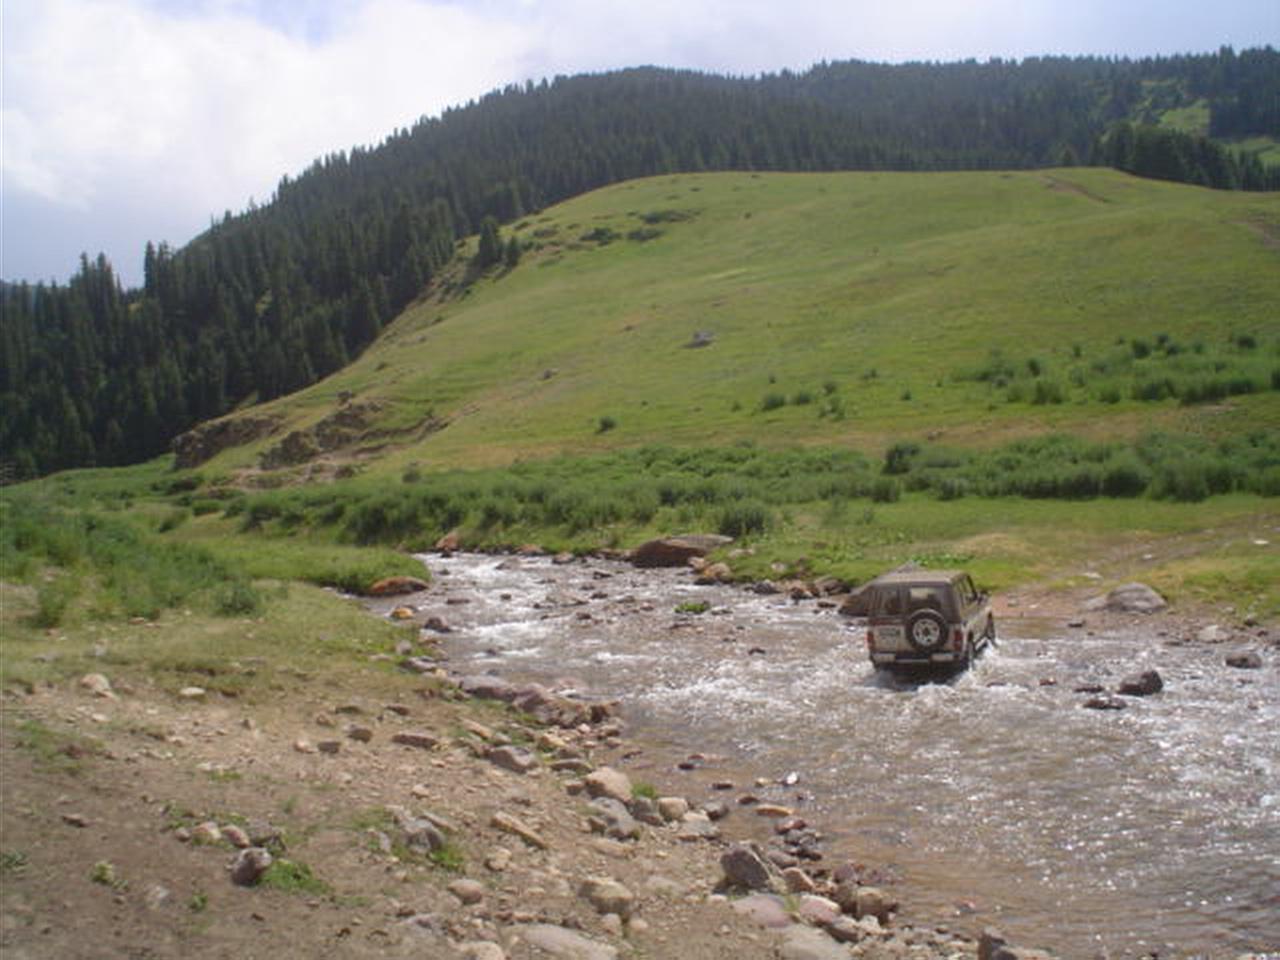 Parque Nacional de Ile-Alatau, Cazaquistão - Ásia Central 37